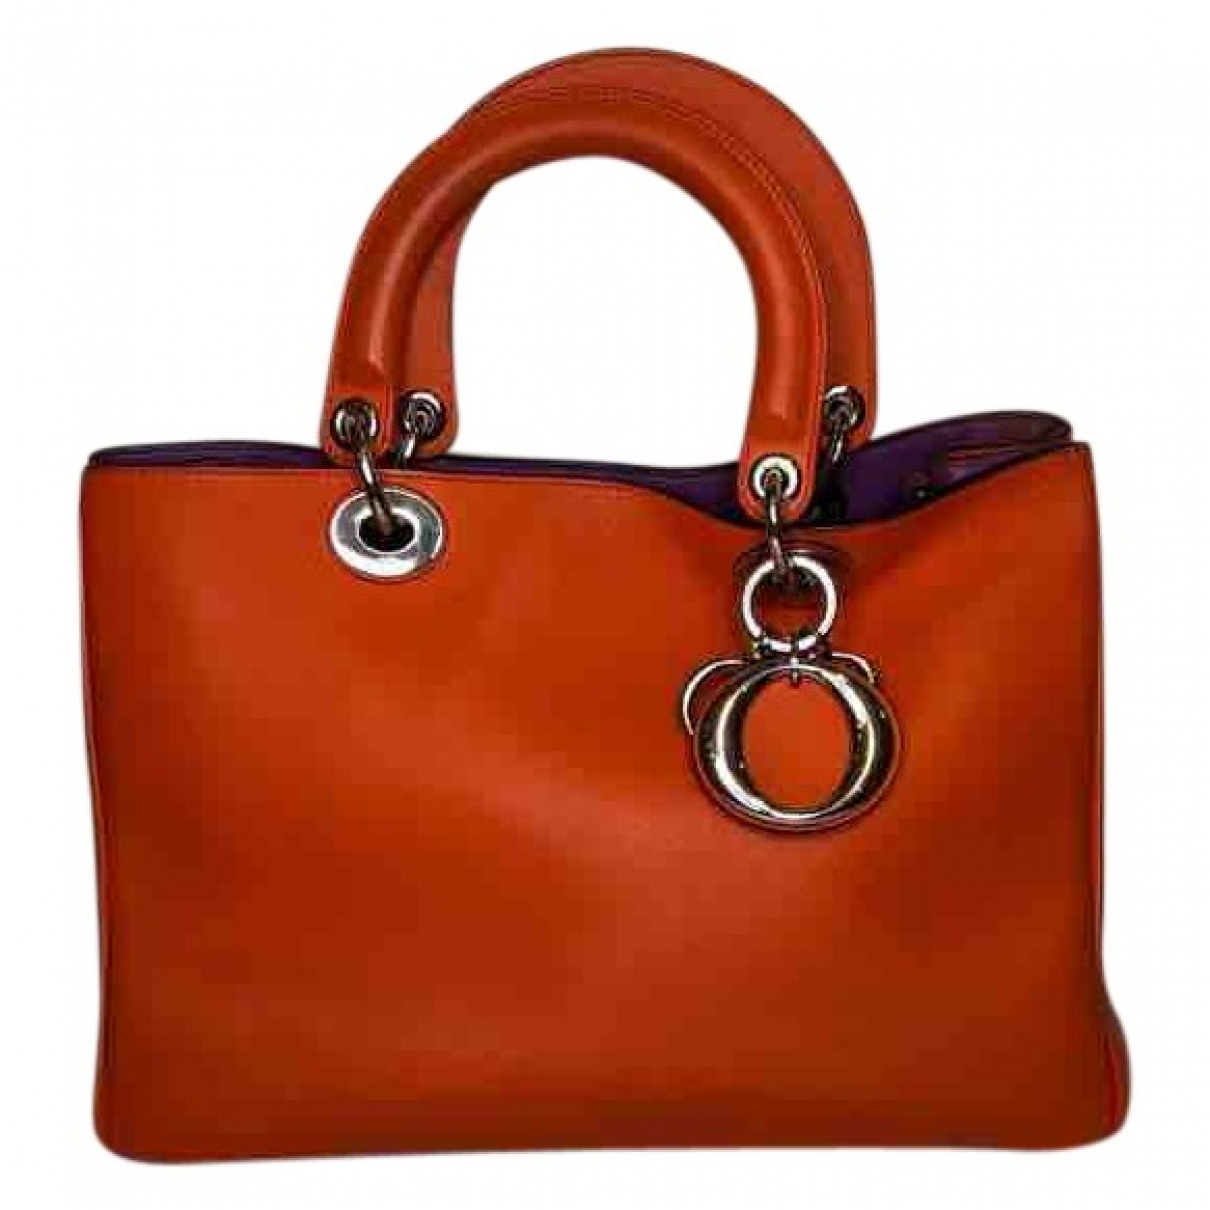 Dior - Sac a main Diorissimo pour femme en cuir - orange